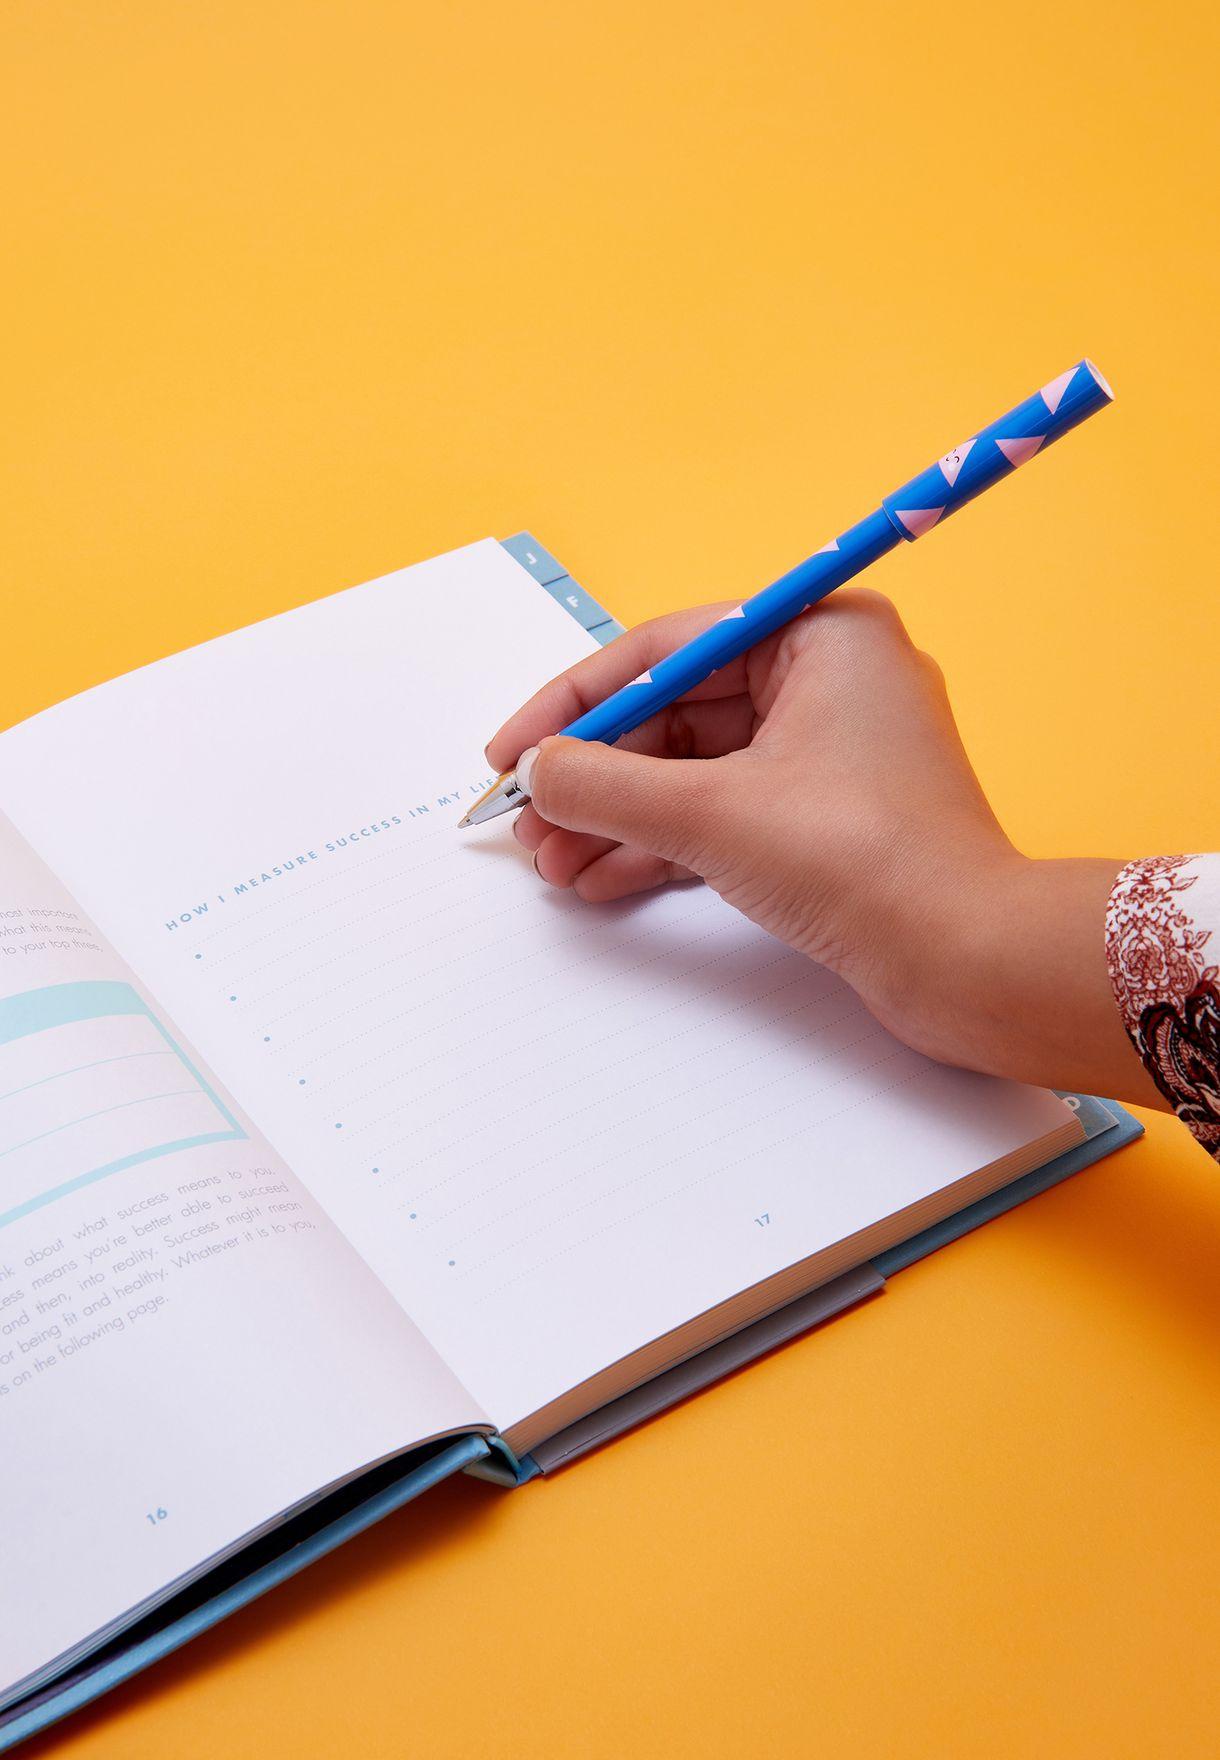 دفتر ملاحظات بغلاف مُقوى